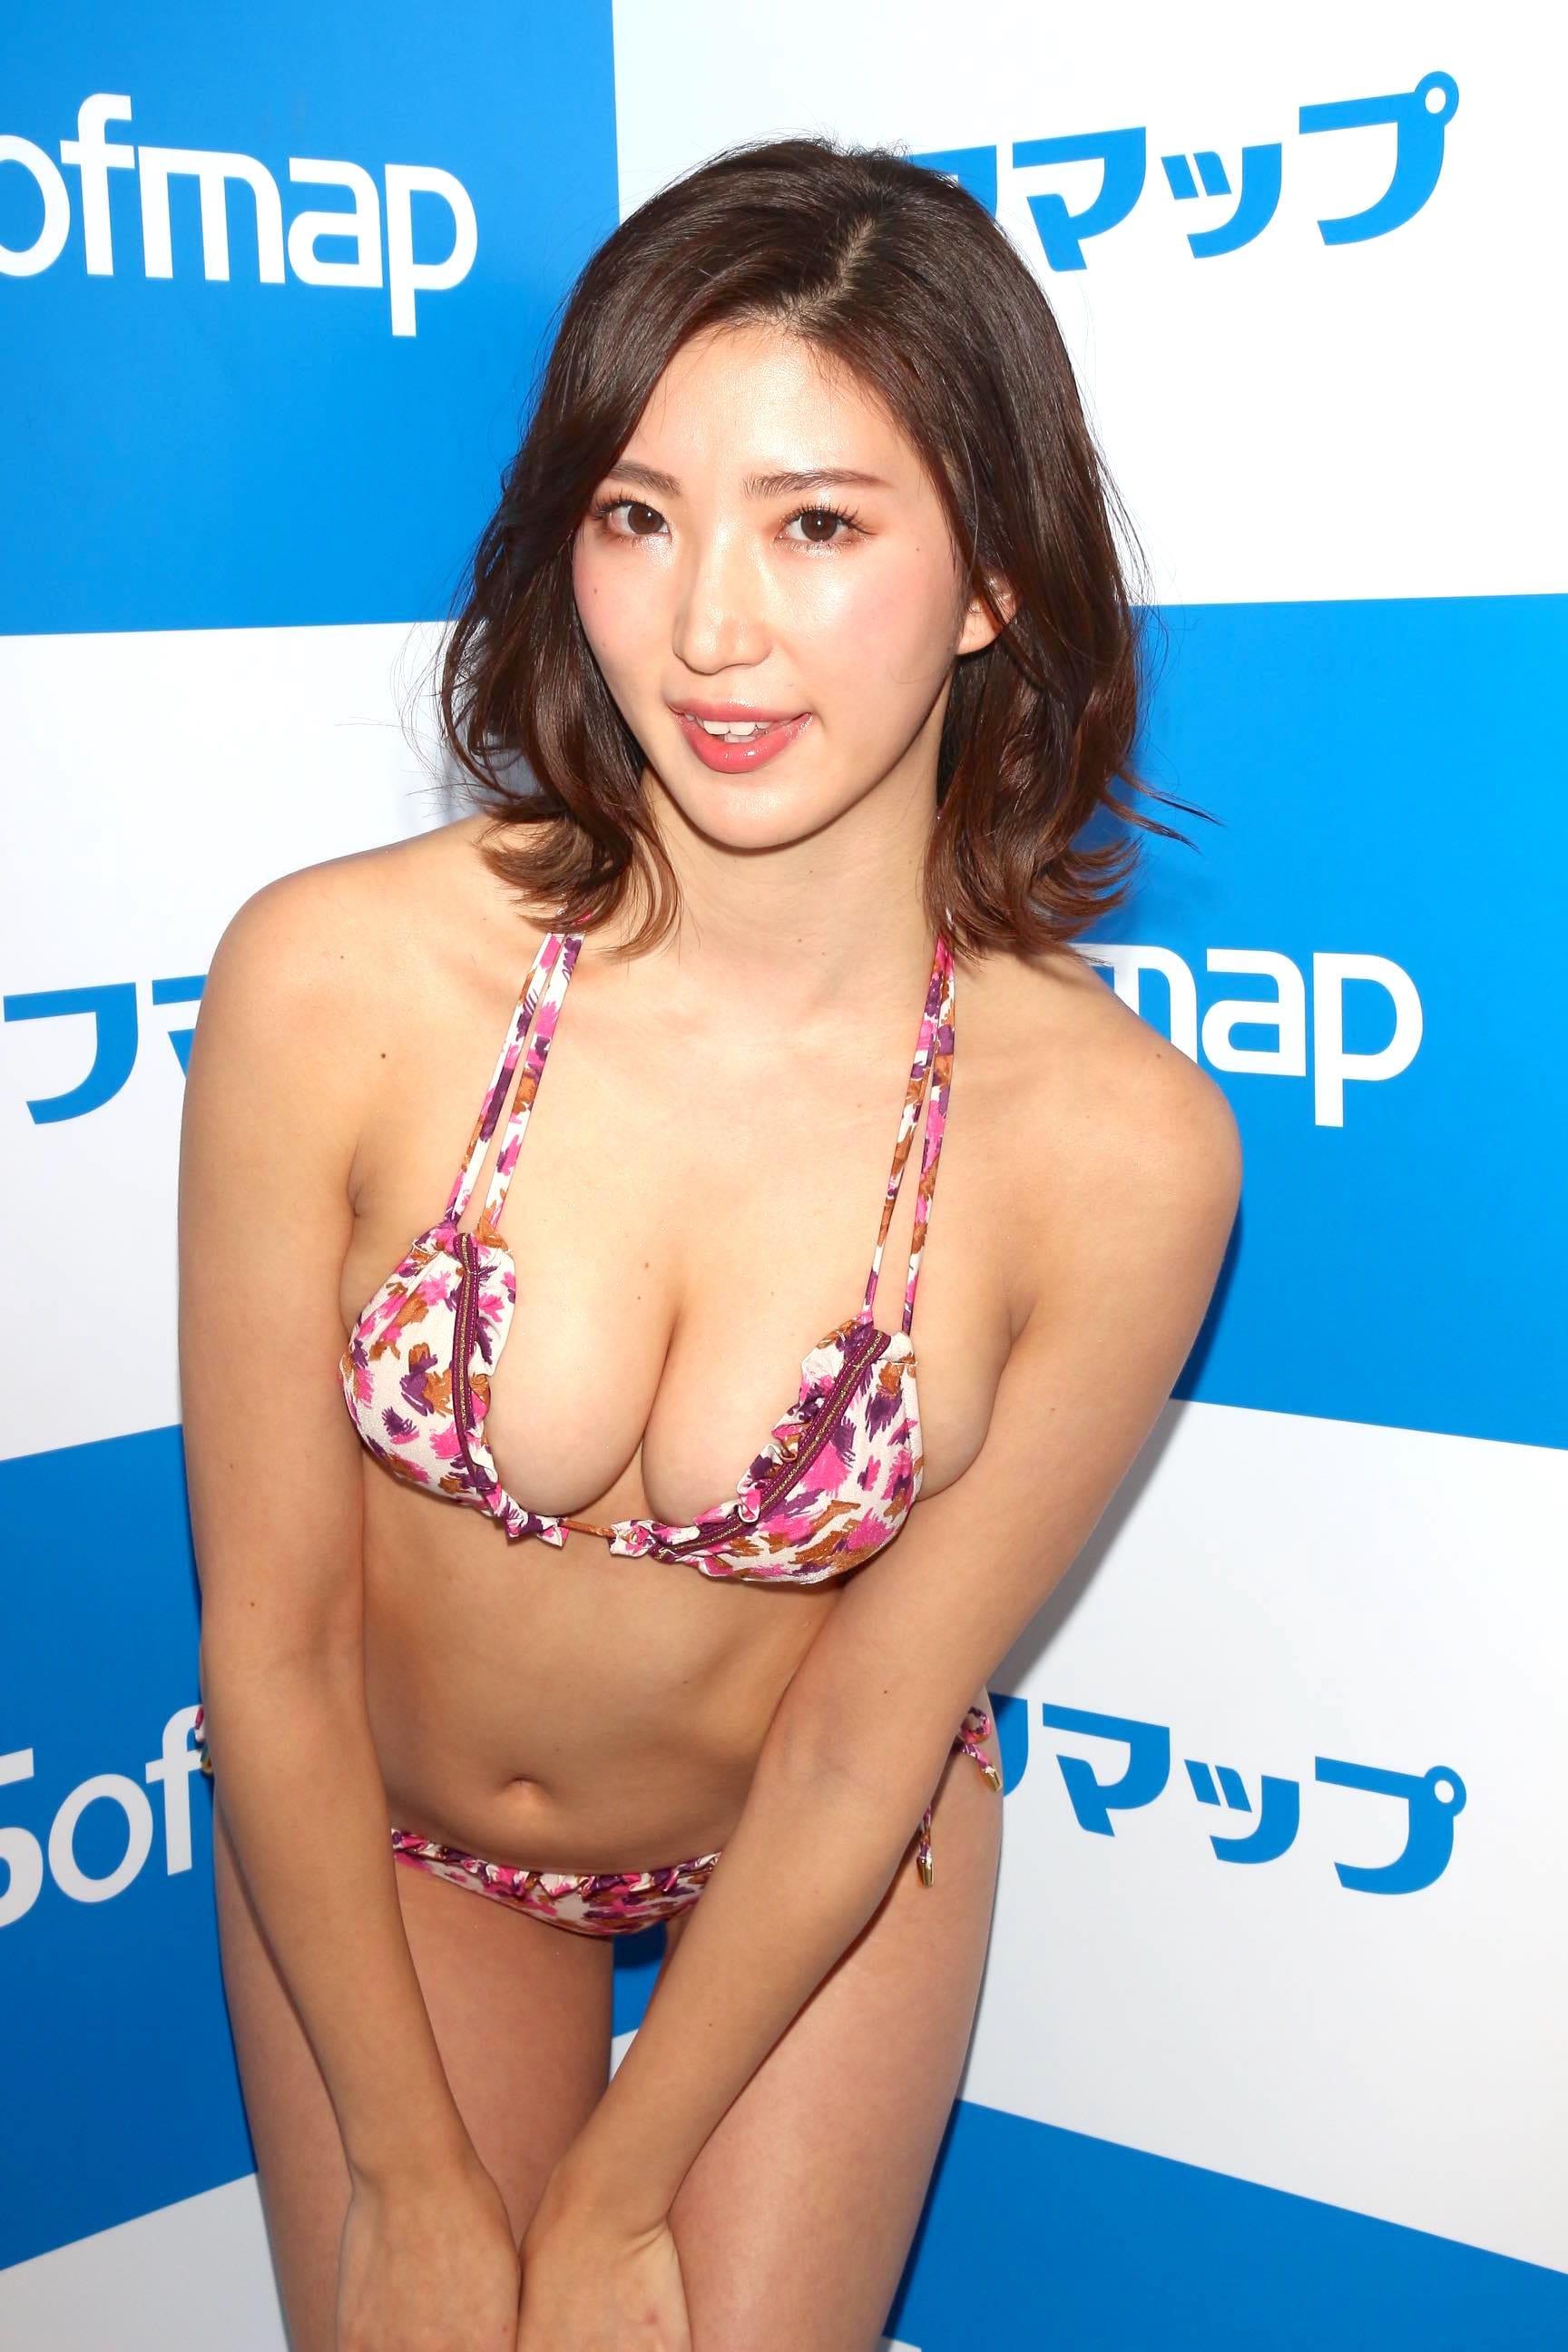 松嶋えいみ「ニップレスがはがれる」赤面ハプニングを大胆告白【写真21枚】の画像011